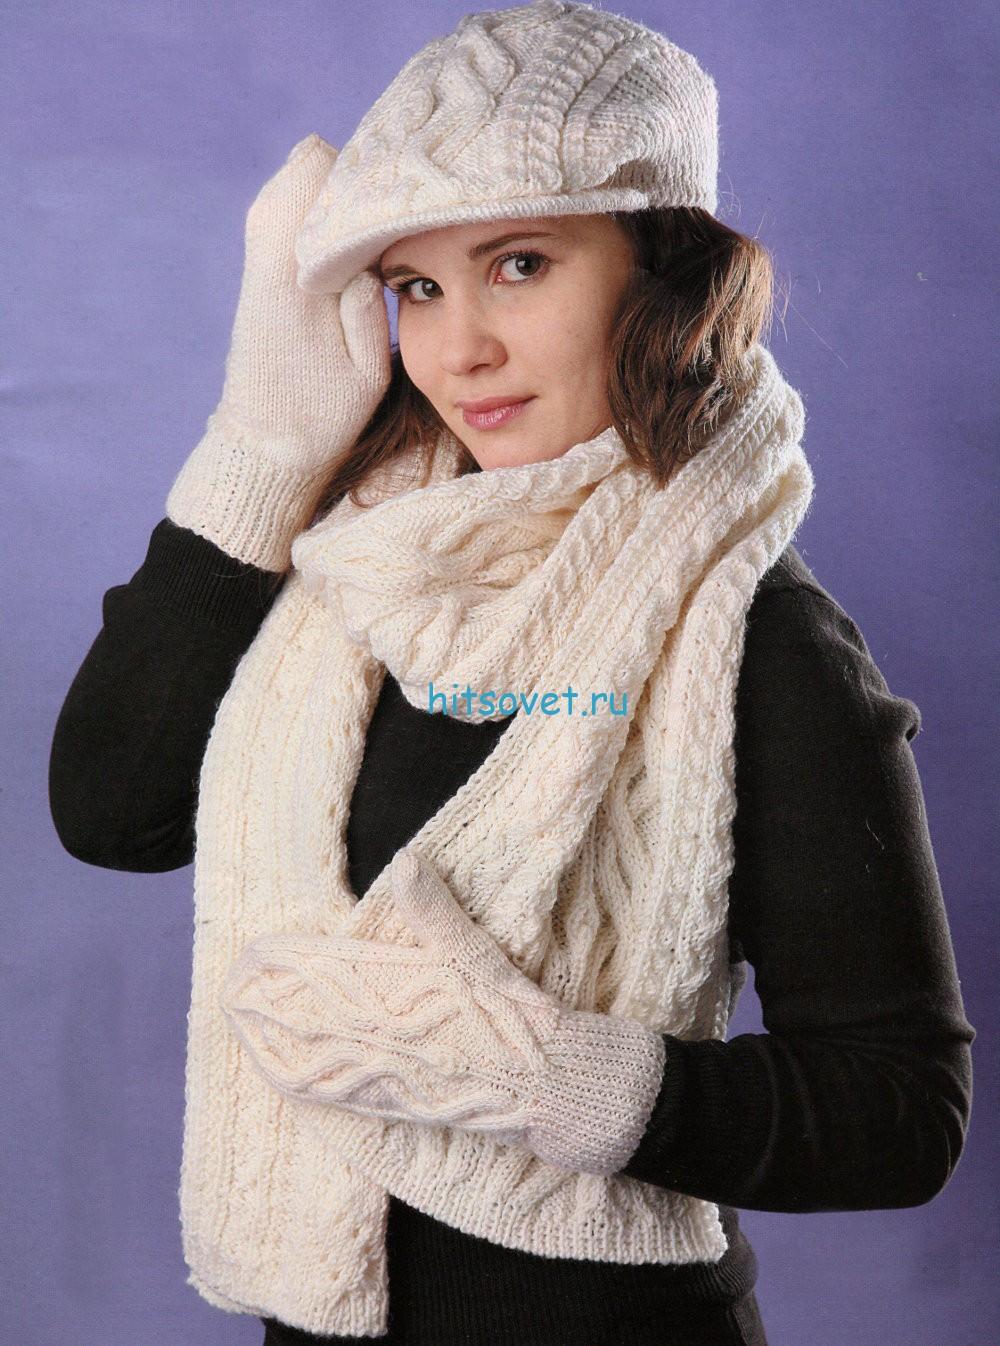 Вязание кепи, шарфа и варежек спицами